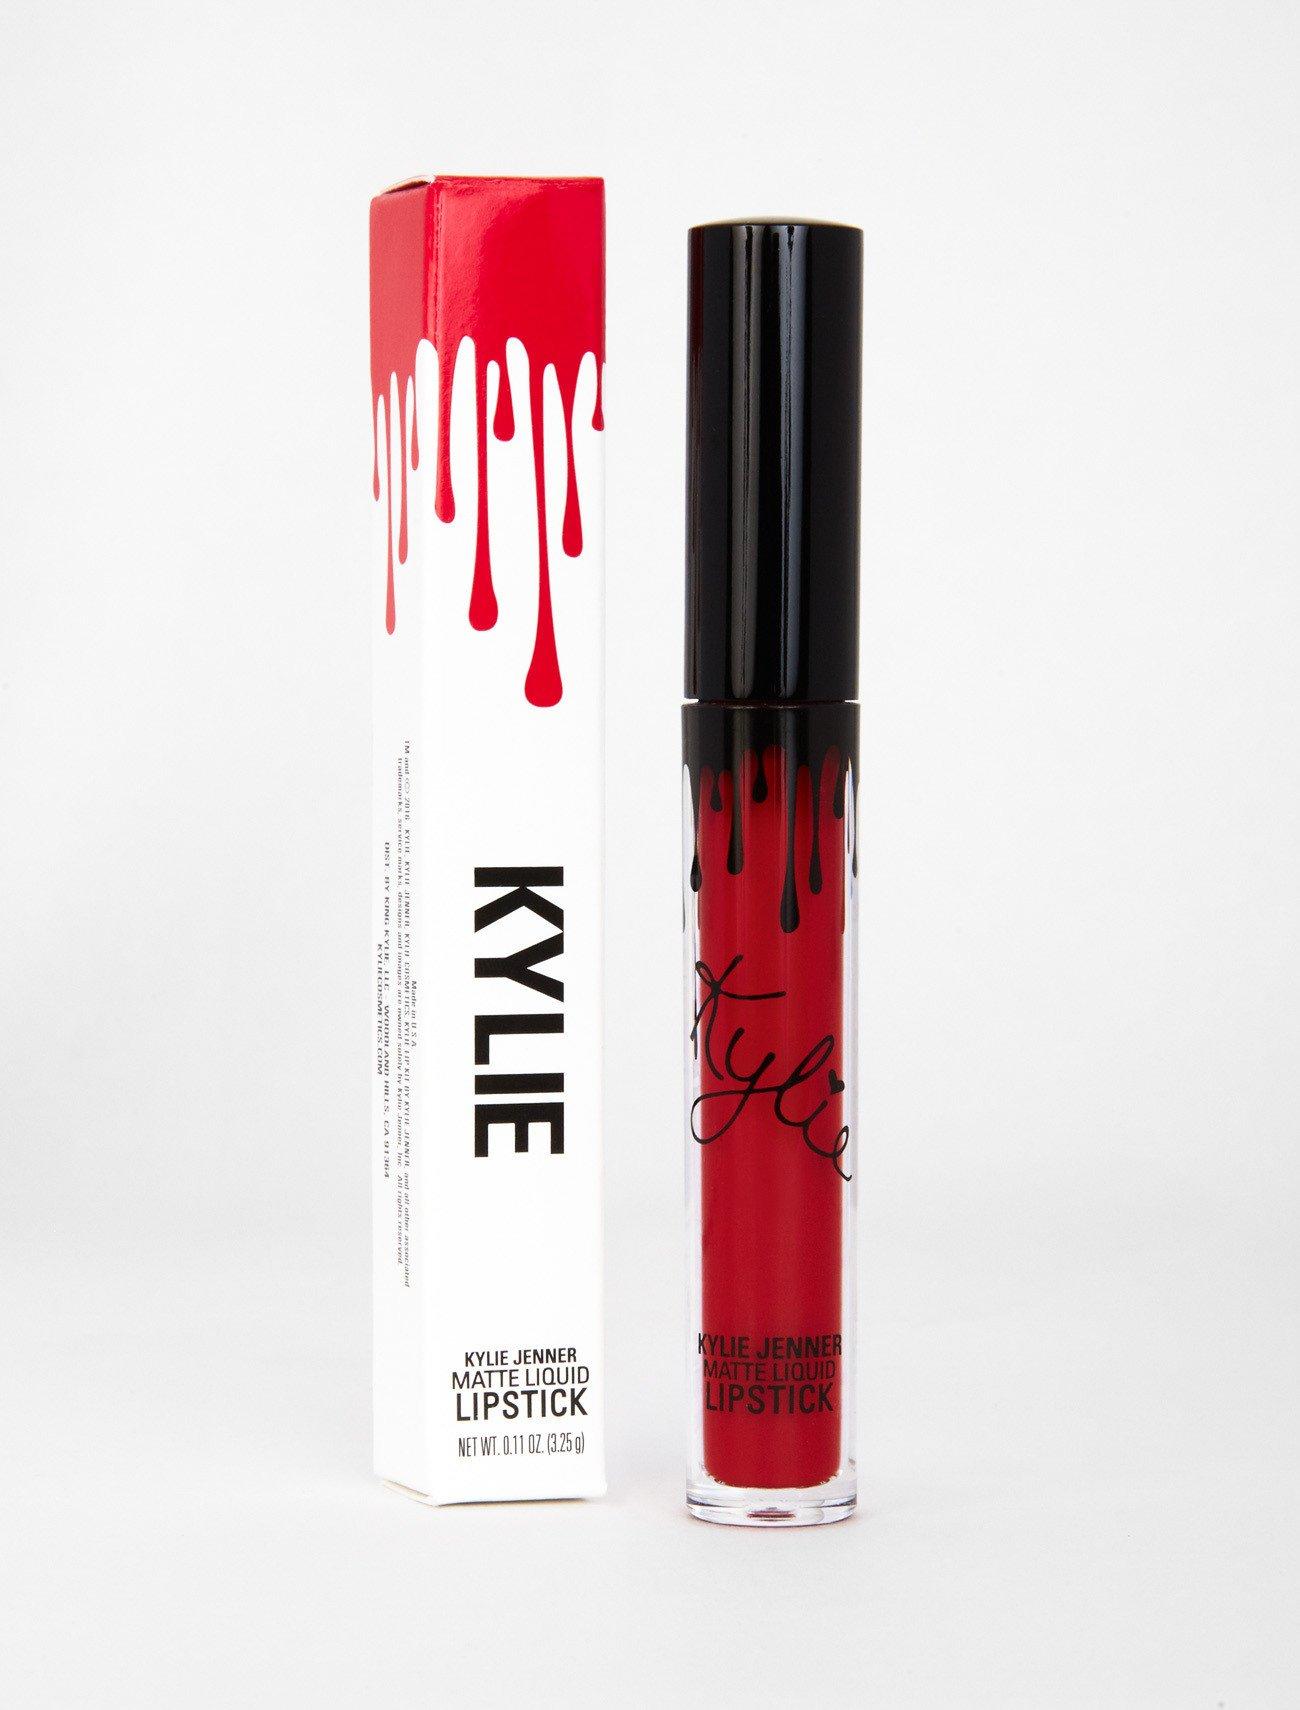 Kylie Cosmetics Mary Jo K Liquid Lipstick Dupes